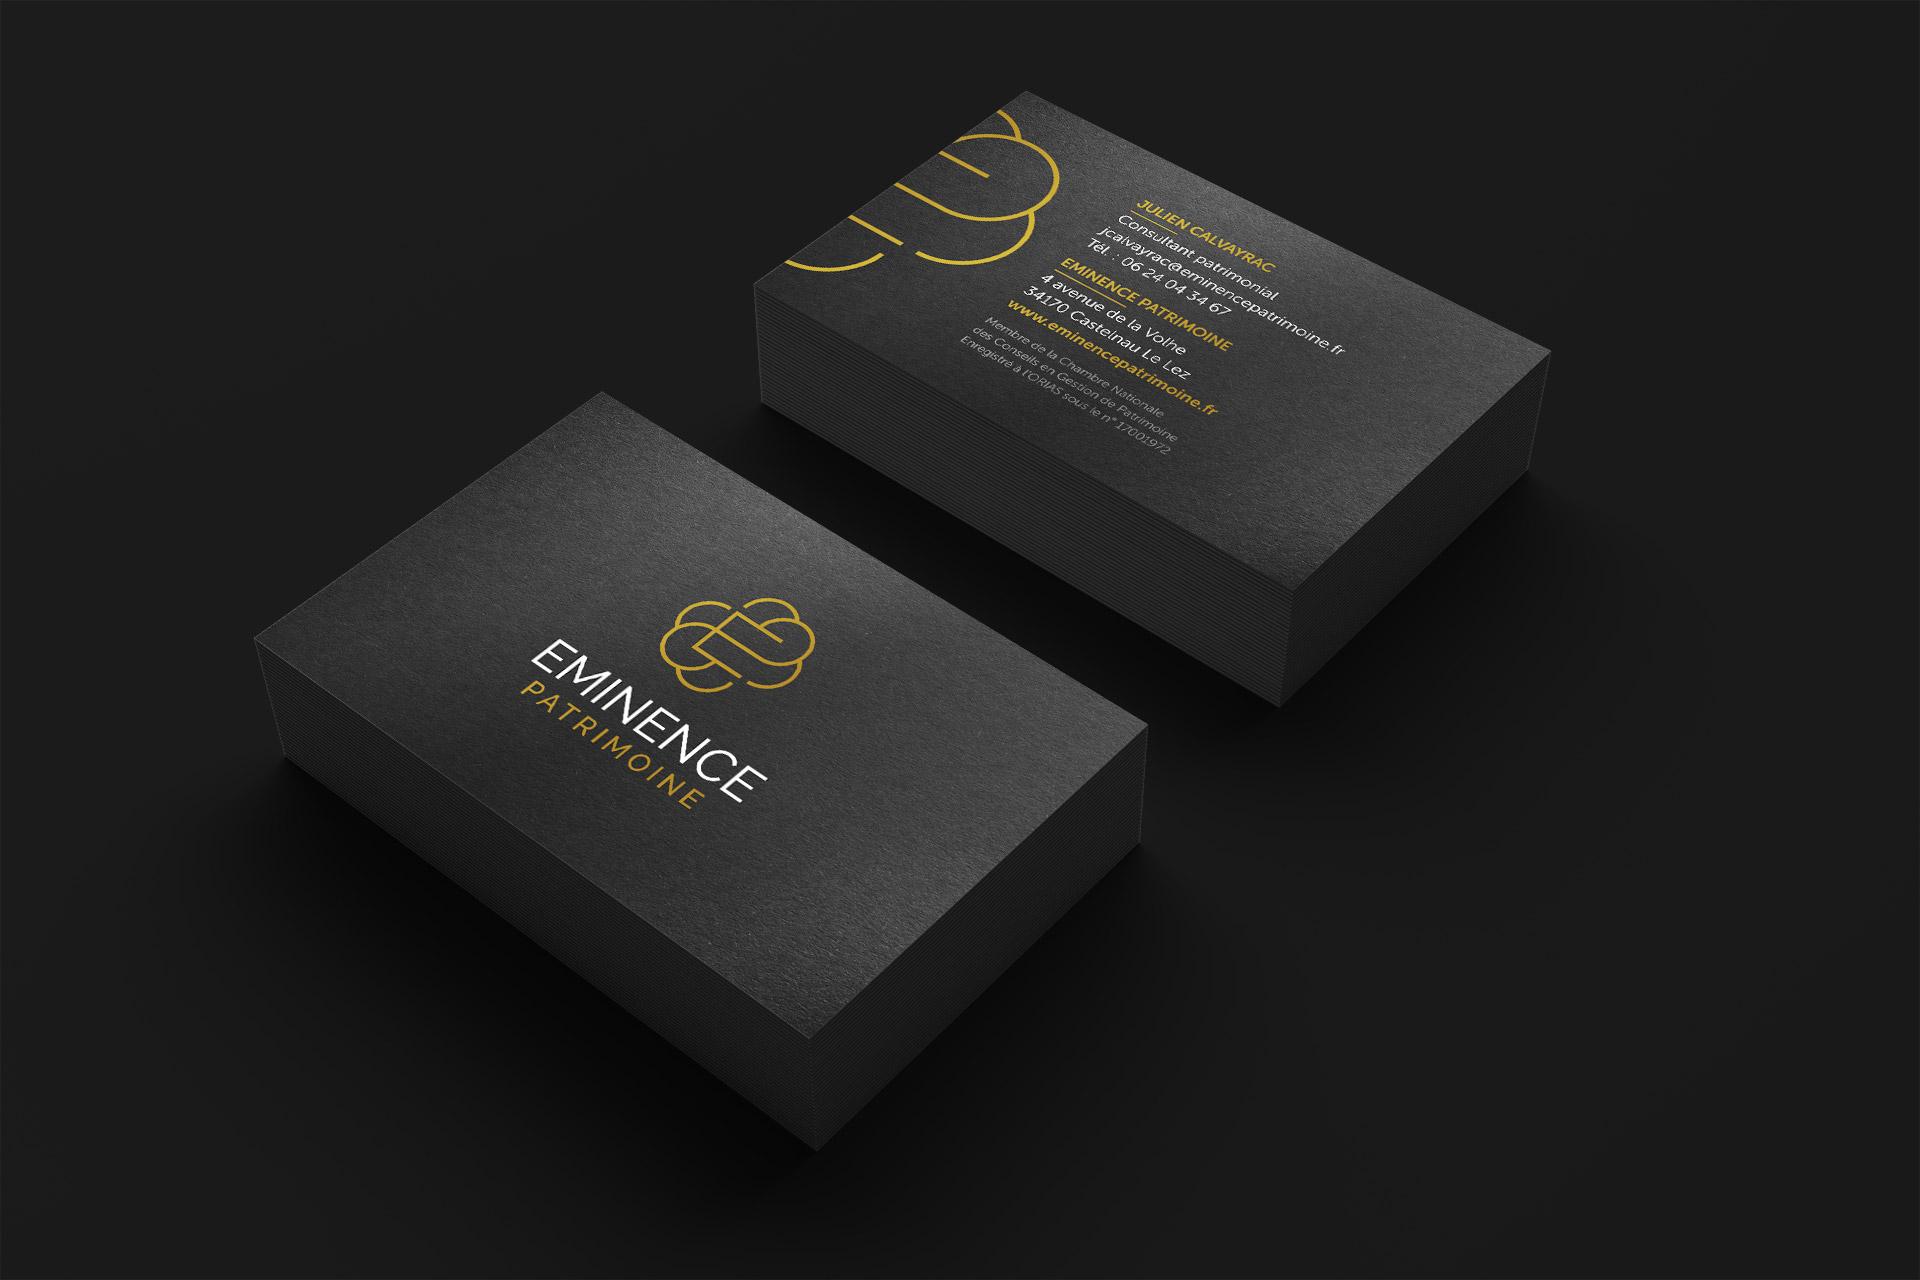 Creation carte visite black card gestion patrimoine Montpellier